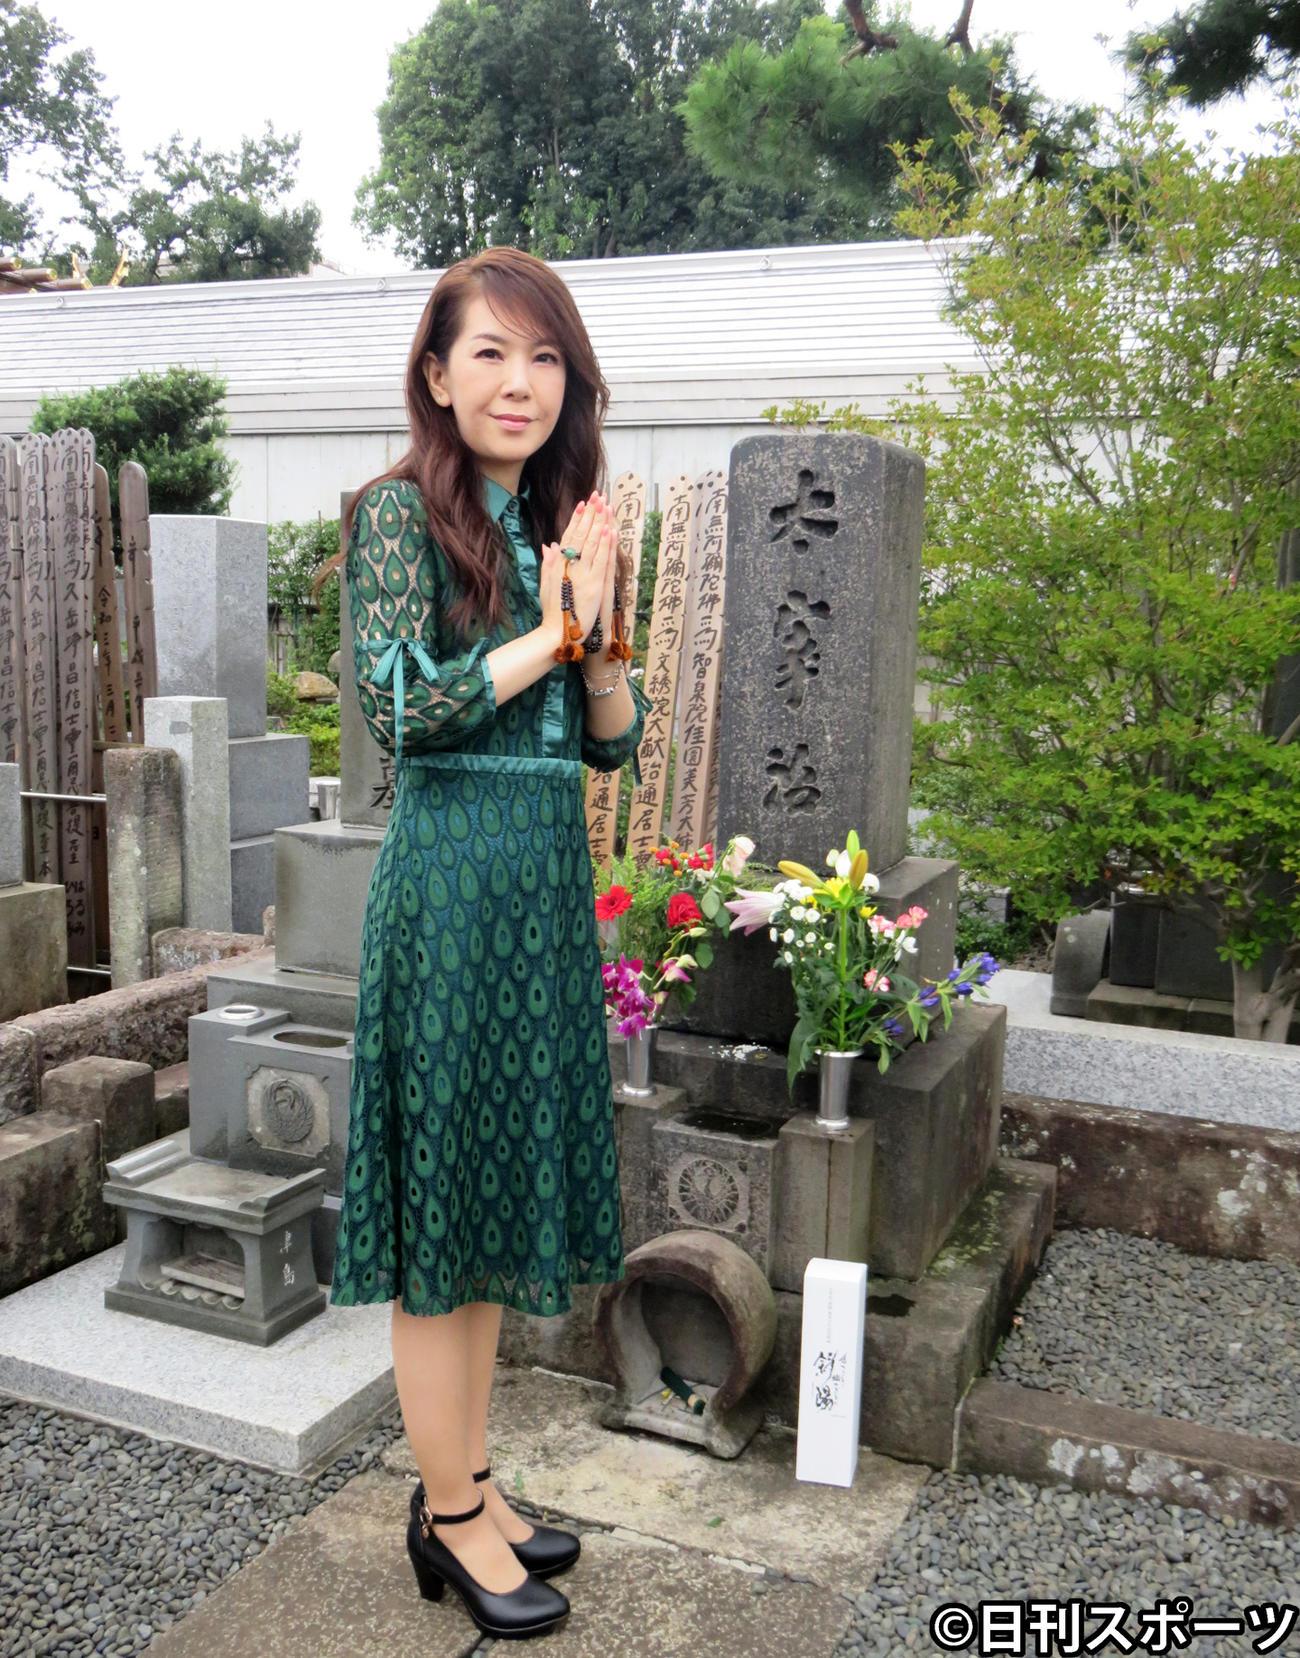 作家太宰治の墓に純米酒「斜陽」を供えて、新曲「少しは私に愛を下さい」のヒット祈願をした白石恭子(撮影・小谷野俊哉)